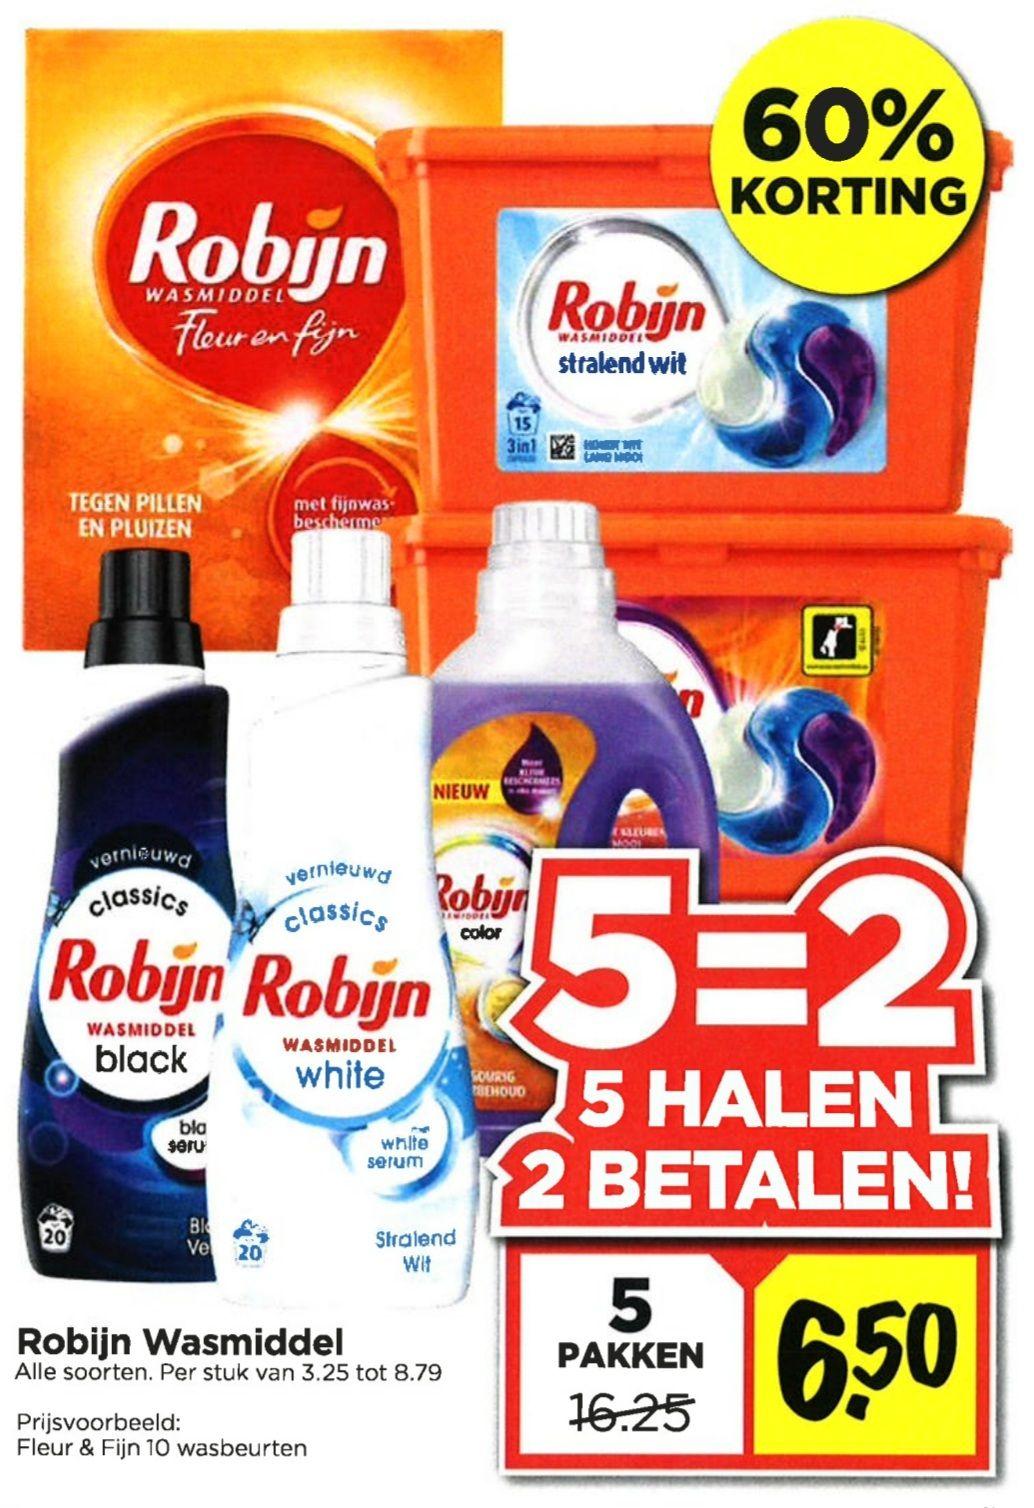 Robijn Wasmiddel 5 halen, 2 betalen + gratis Robijn Drywash sample.